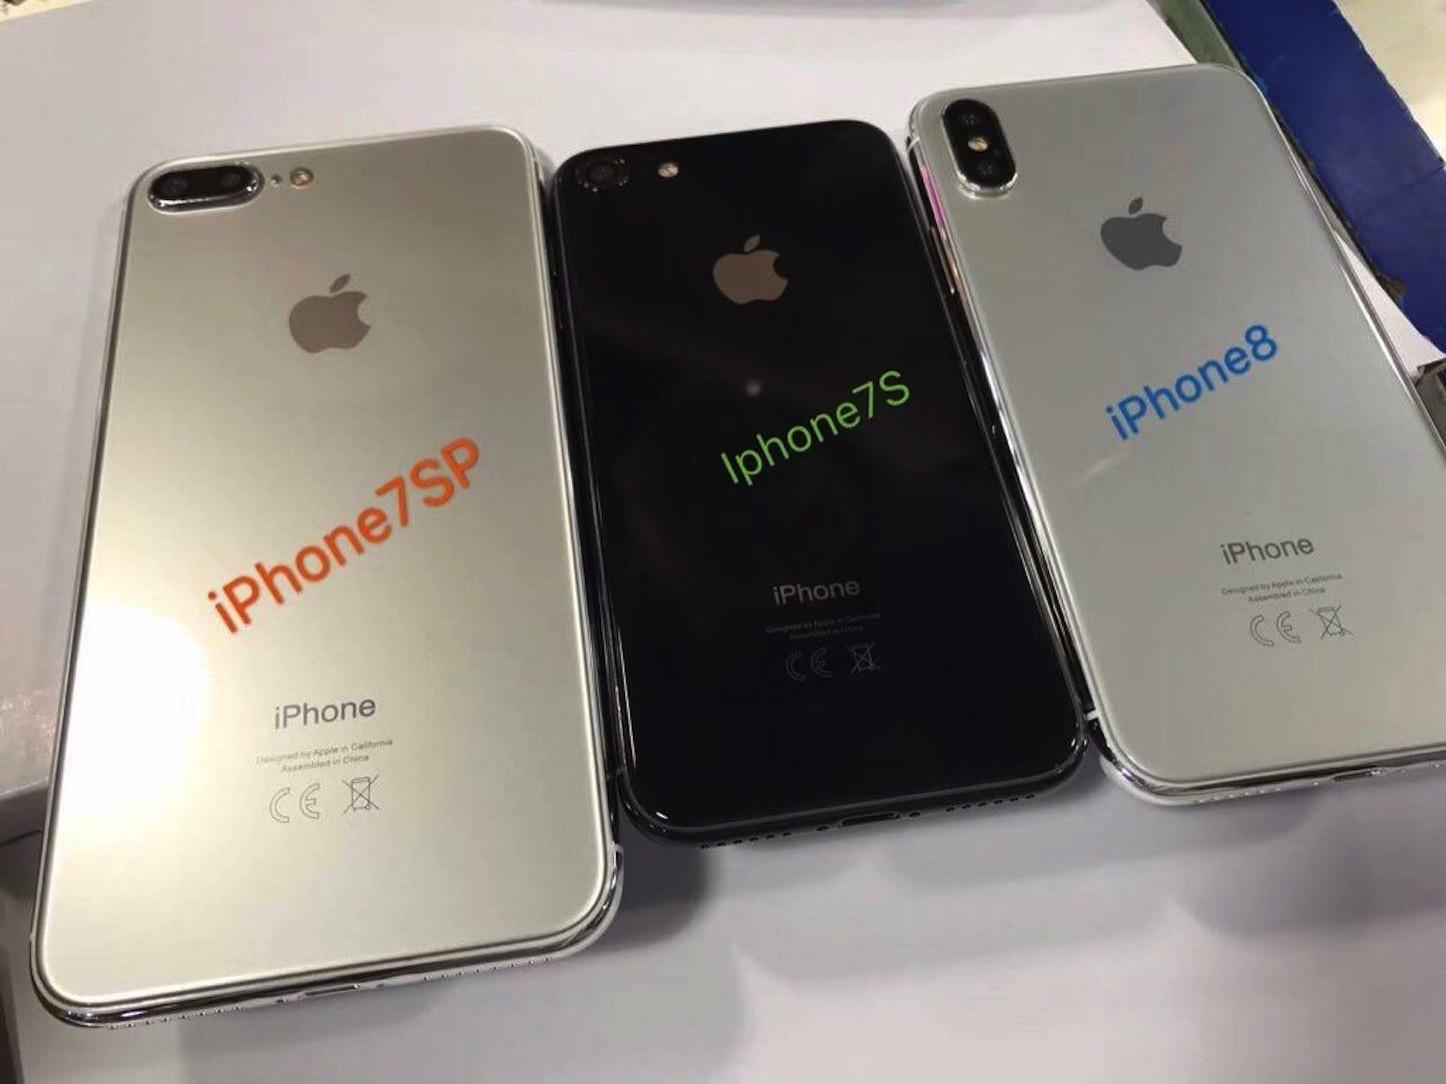 iphone8-8plus-8pro-comparison.jpg